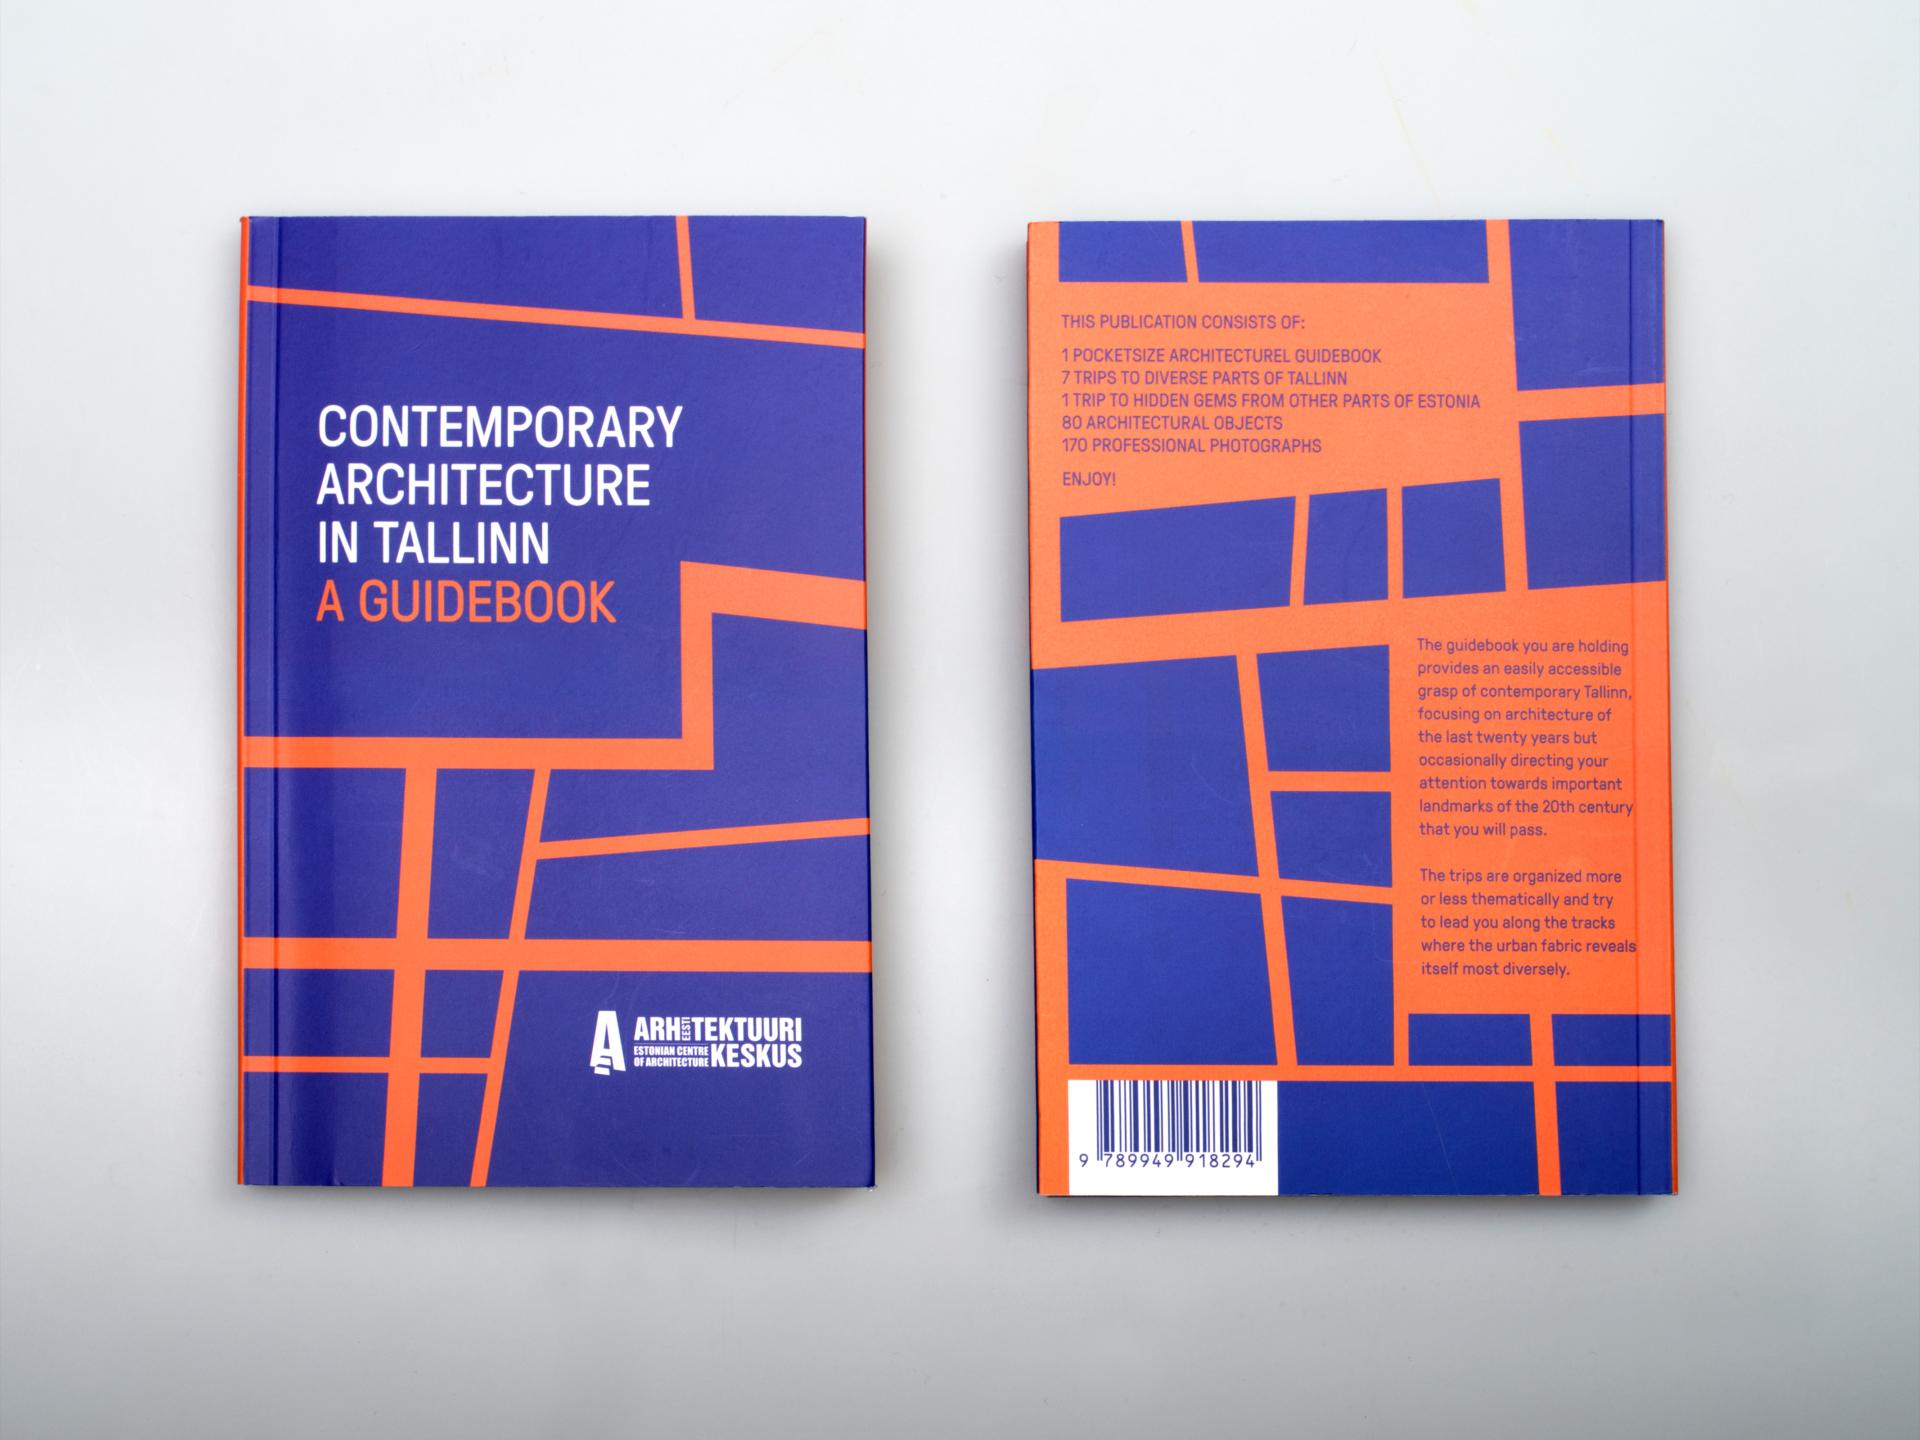 putka Arhitektuurigiid